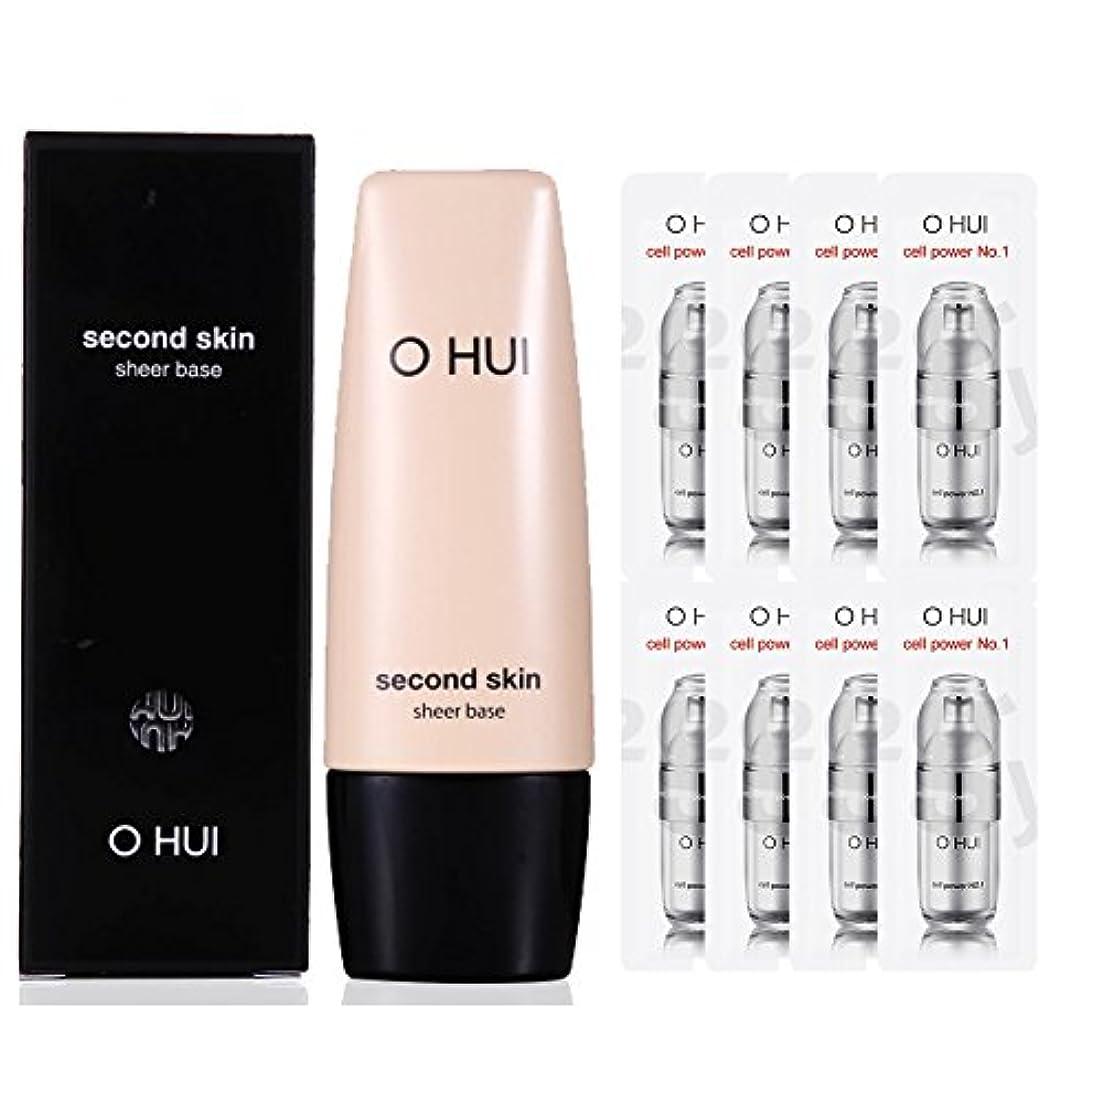 インテリアバターカヌーOHUI/オフィセカンドスキン シアーベース + 特別の構成 (OHUI SECOND SKIN SHEER BASE Makeup Base +Special Gift set)]【スポットセール】[海外直送品]